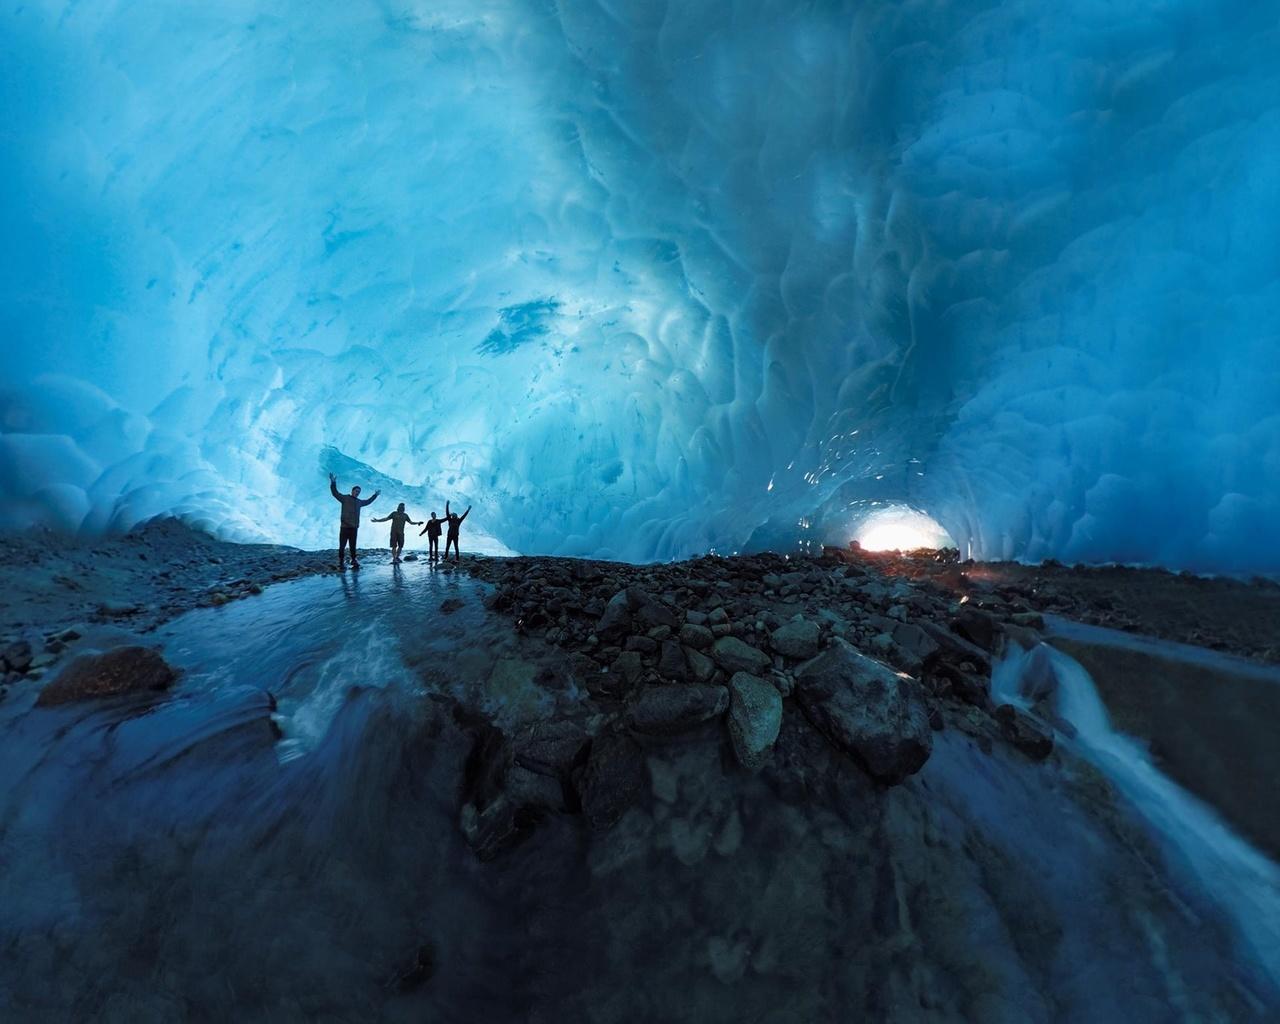 экстрим, отдых, исландия, ледник, красиво, лед